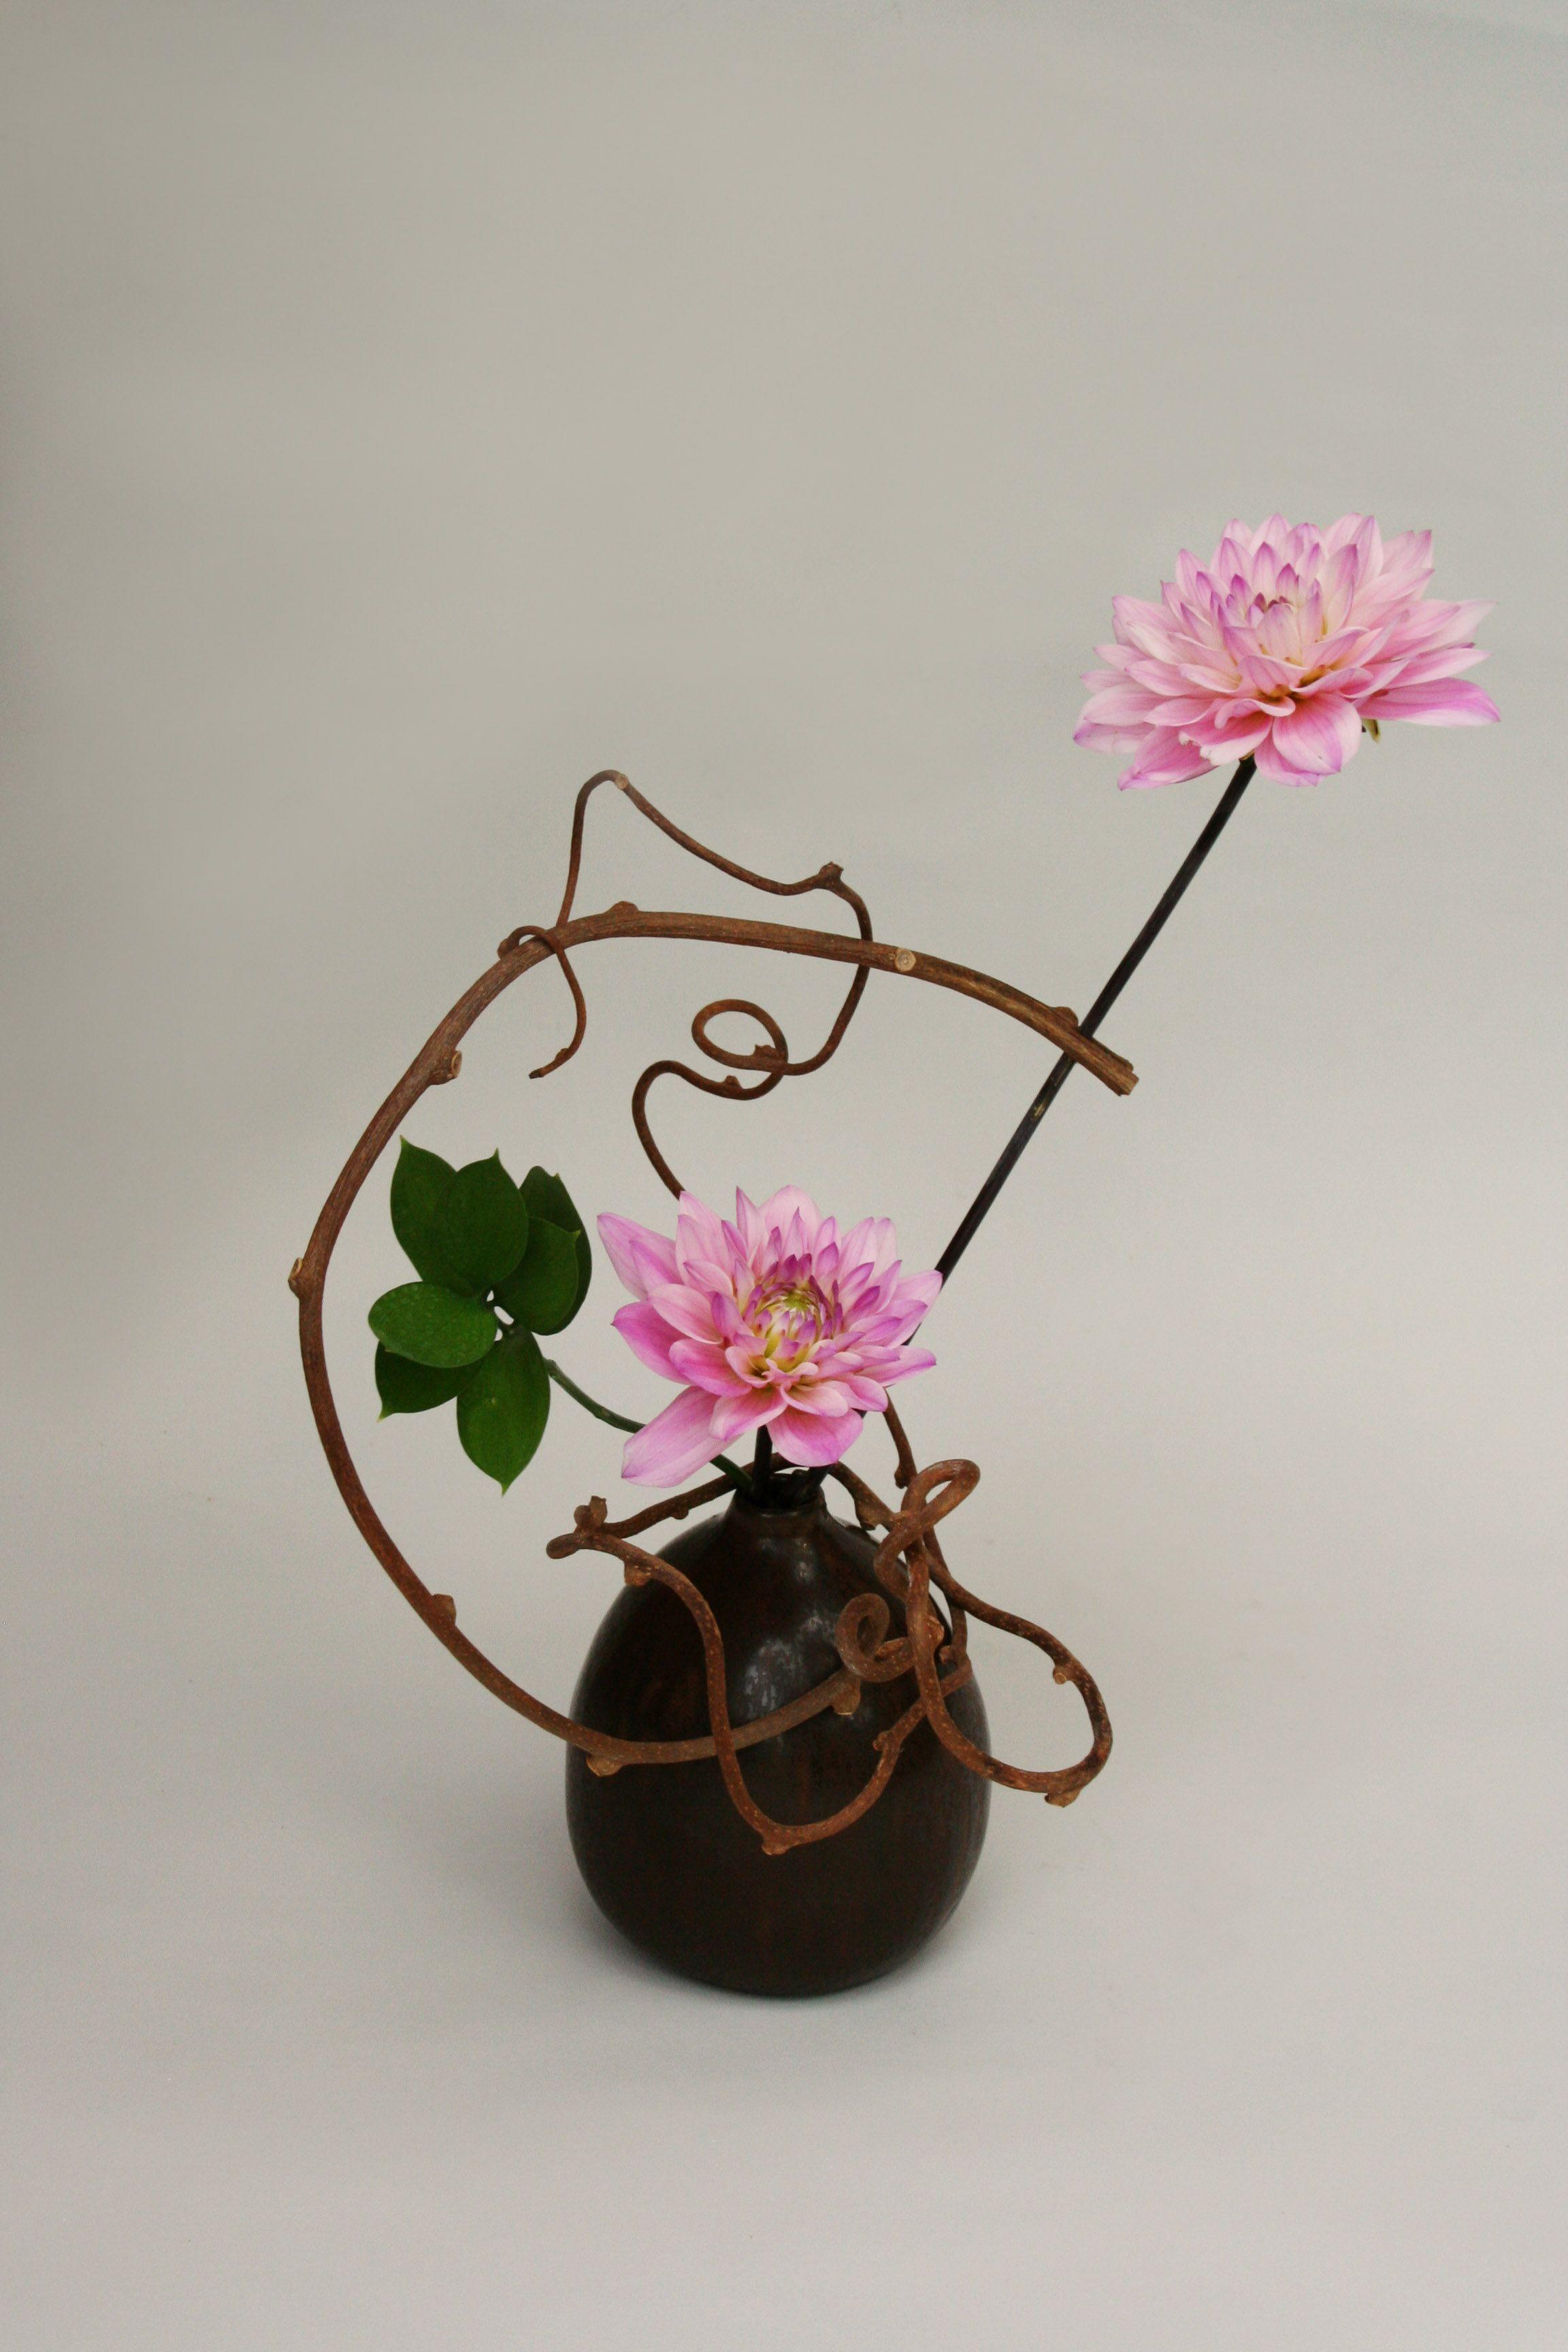 dahlias ikebana flower arrangements F L O R E Pinterest